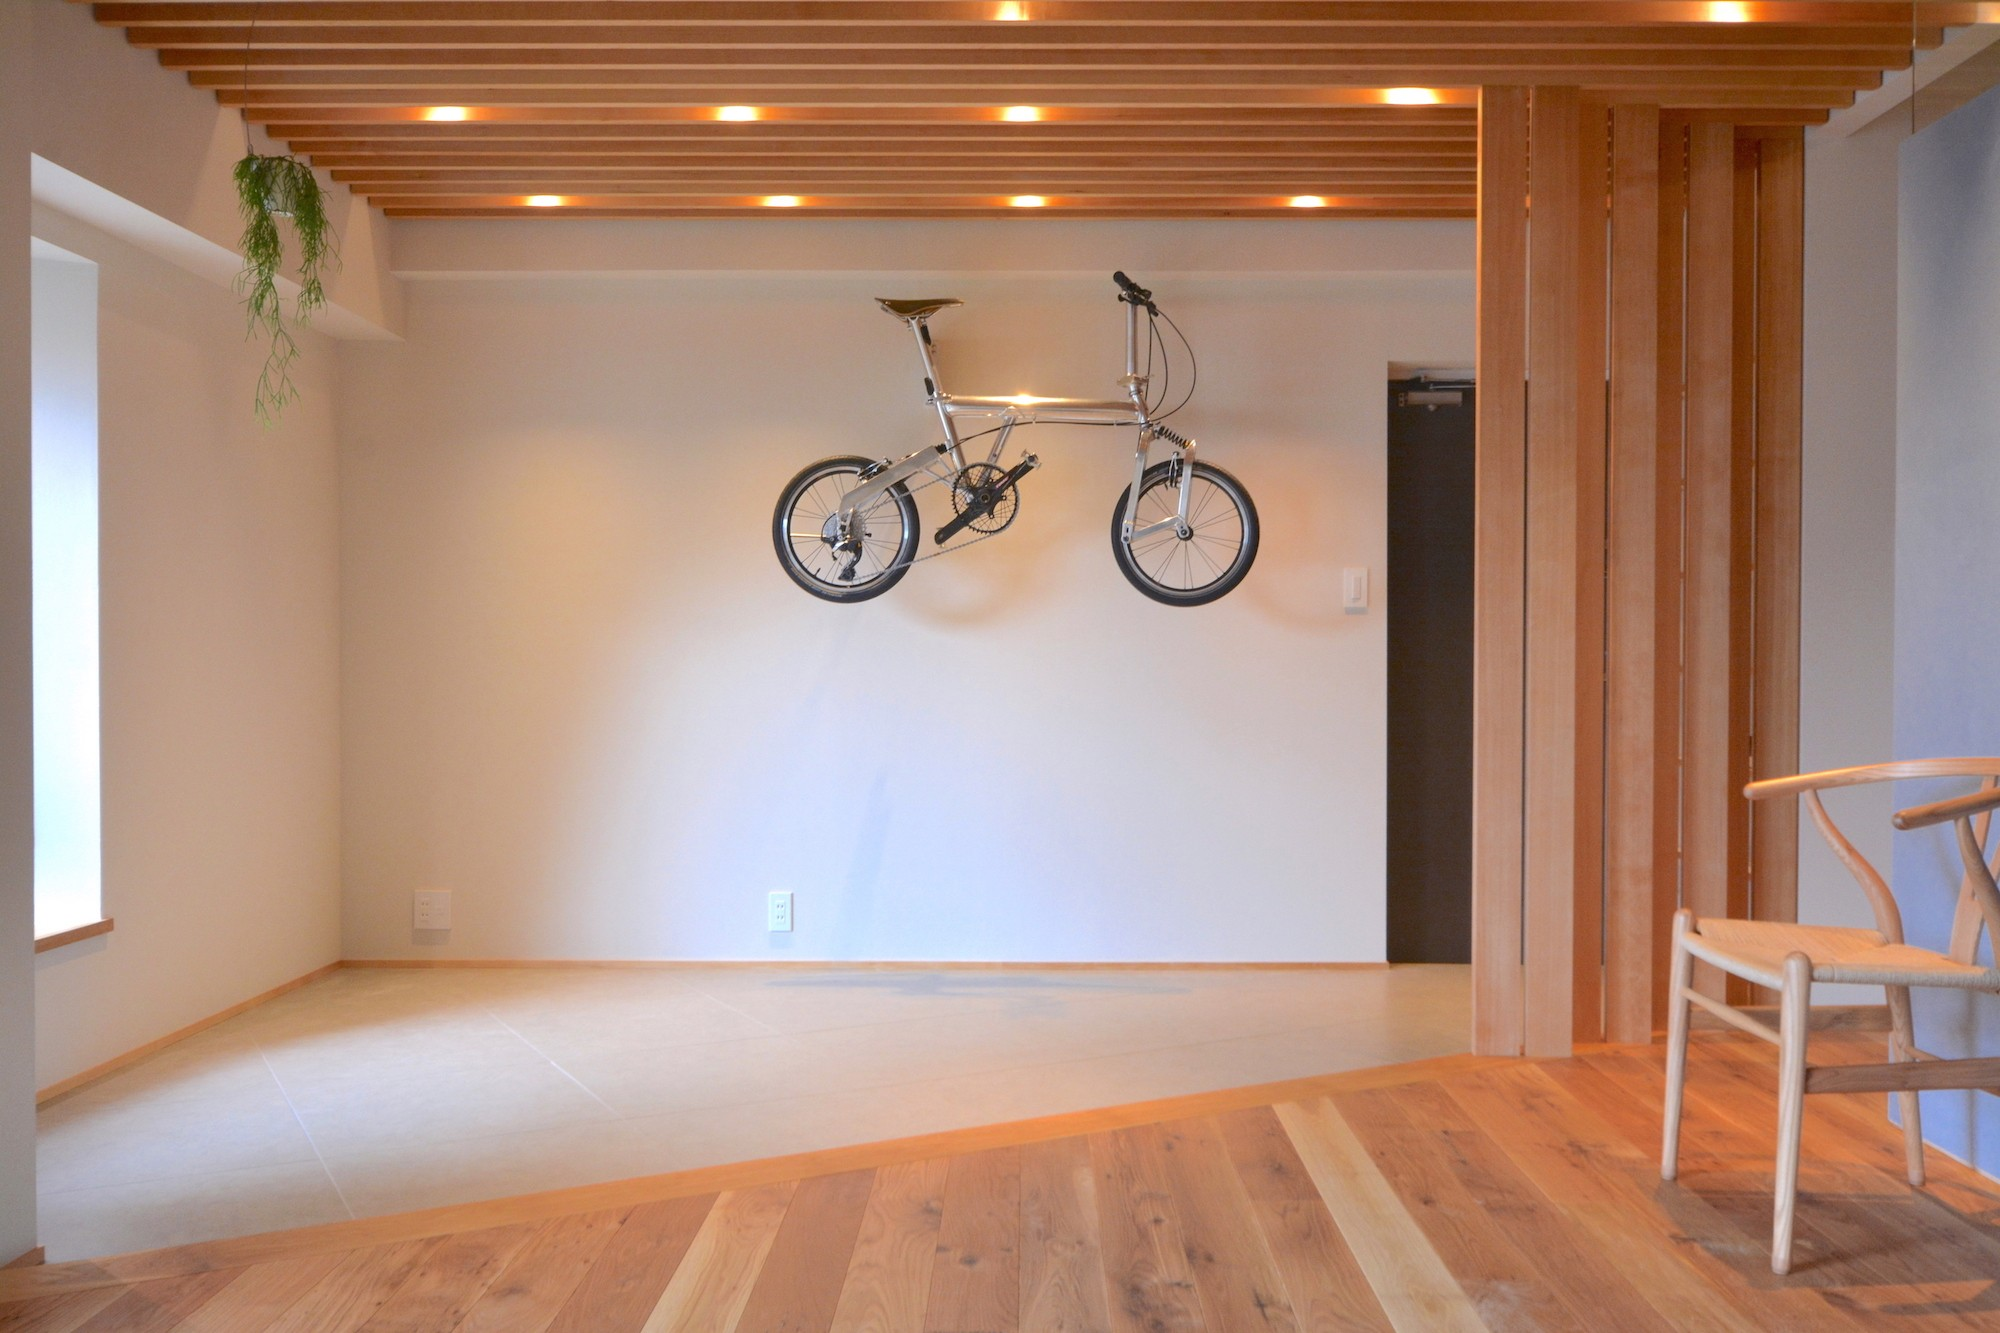 玄関事例:リビングの一部として土間を使う(調布市のWさんの家)